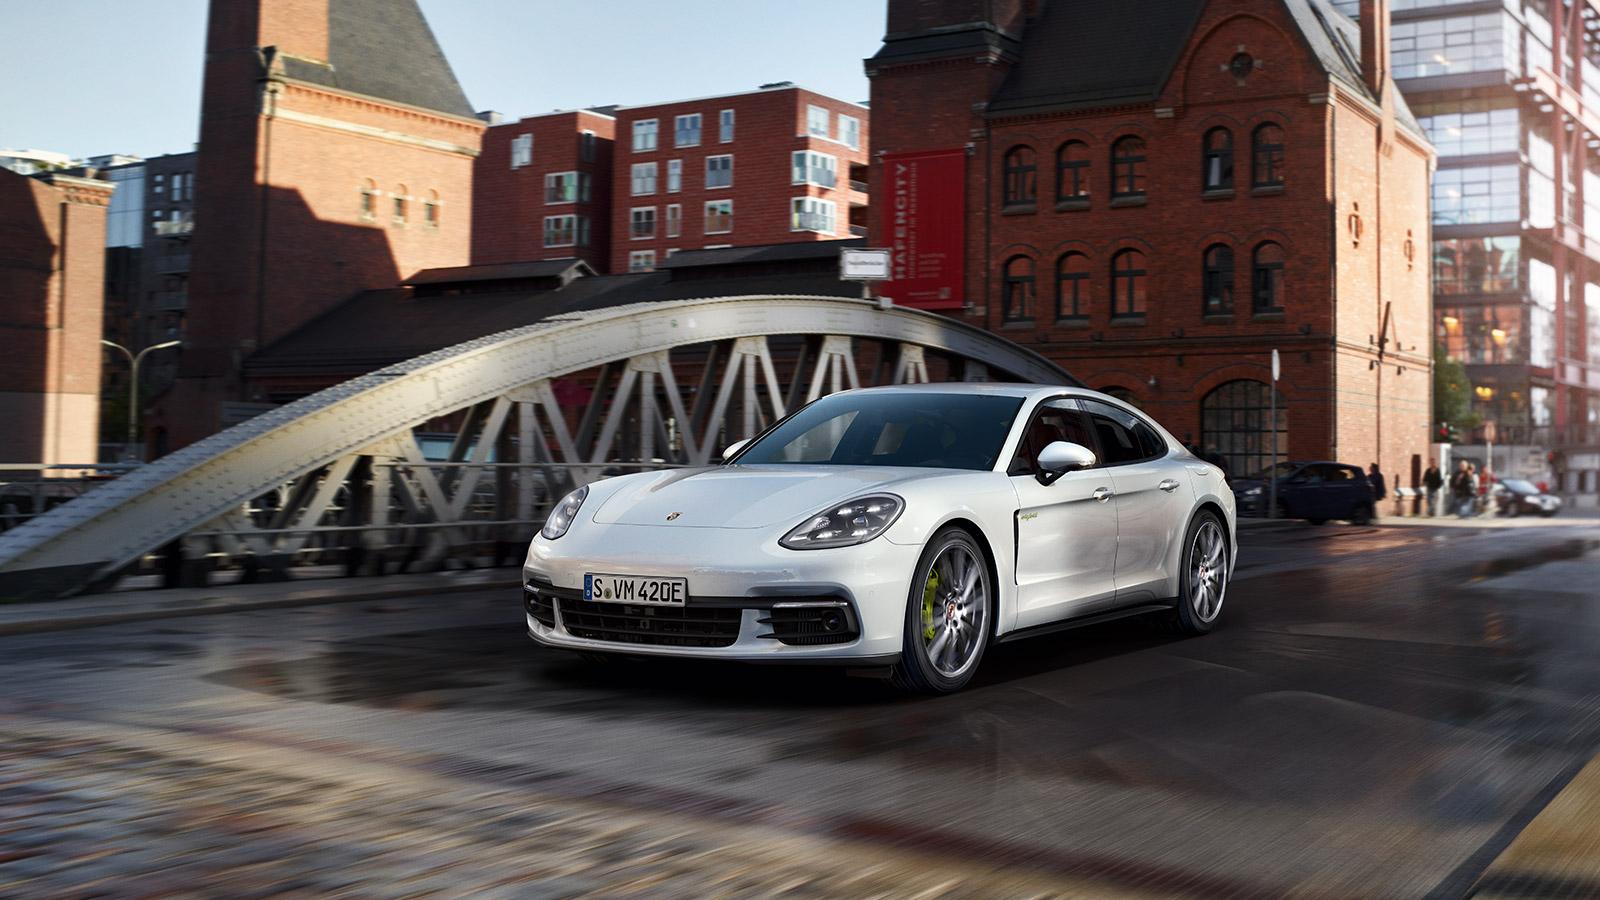 Porsche 车辆